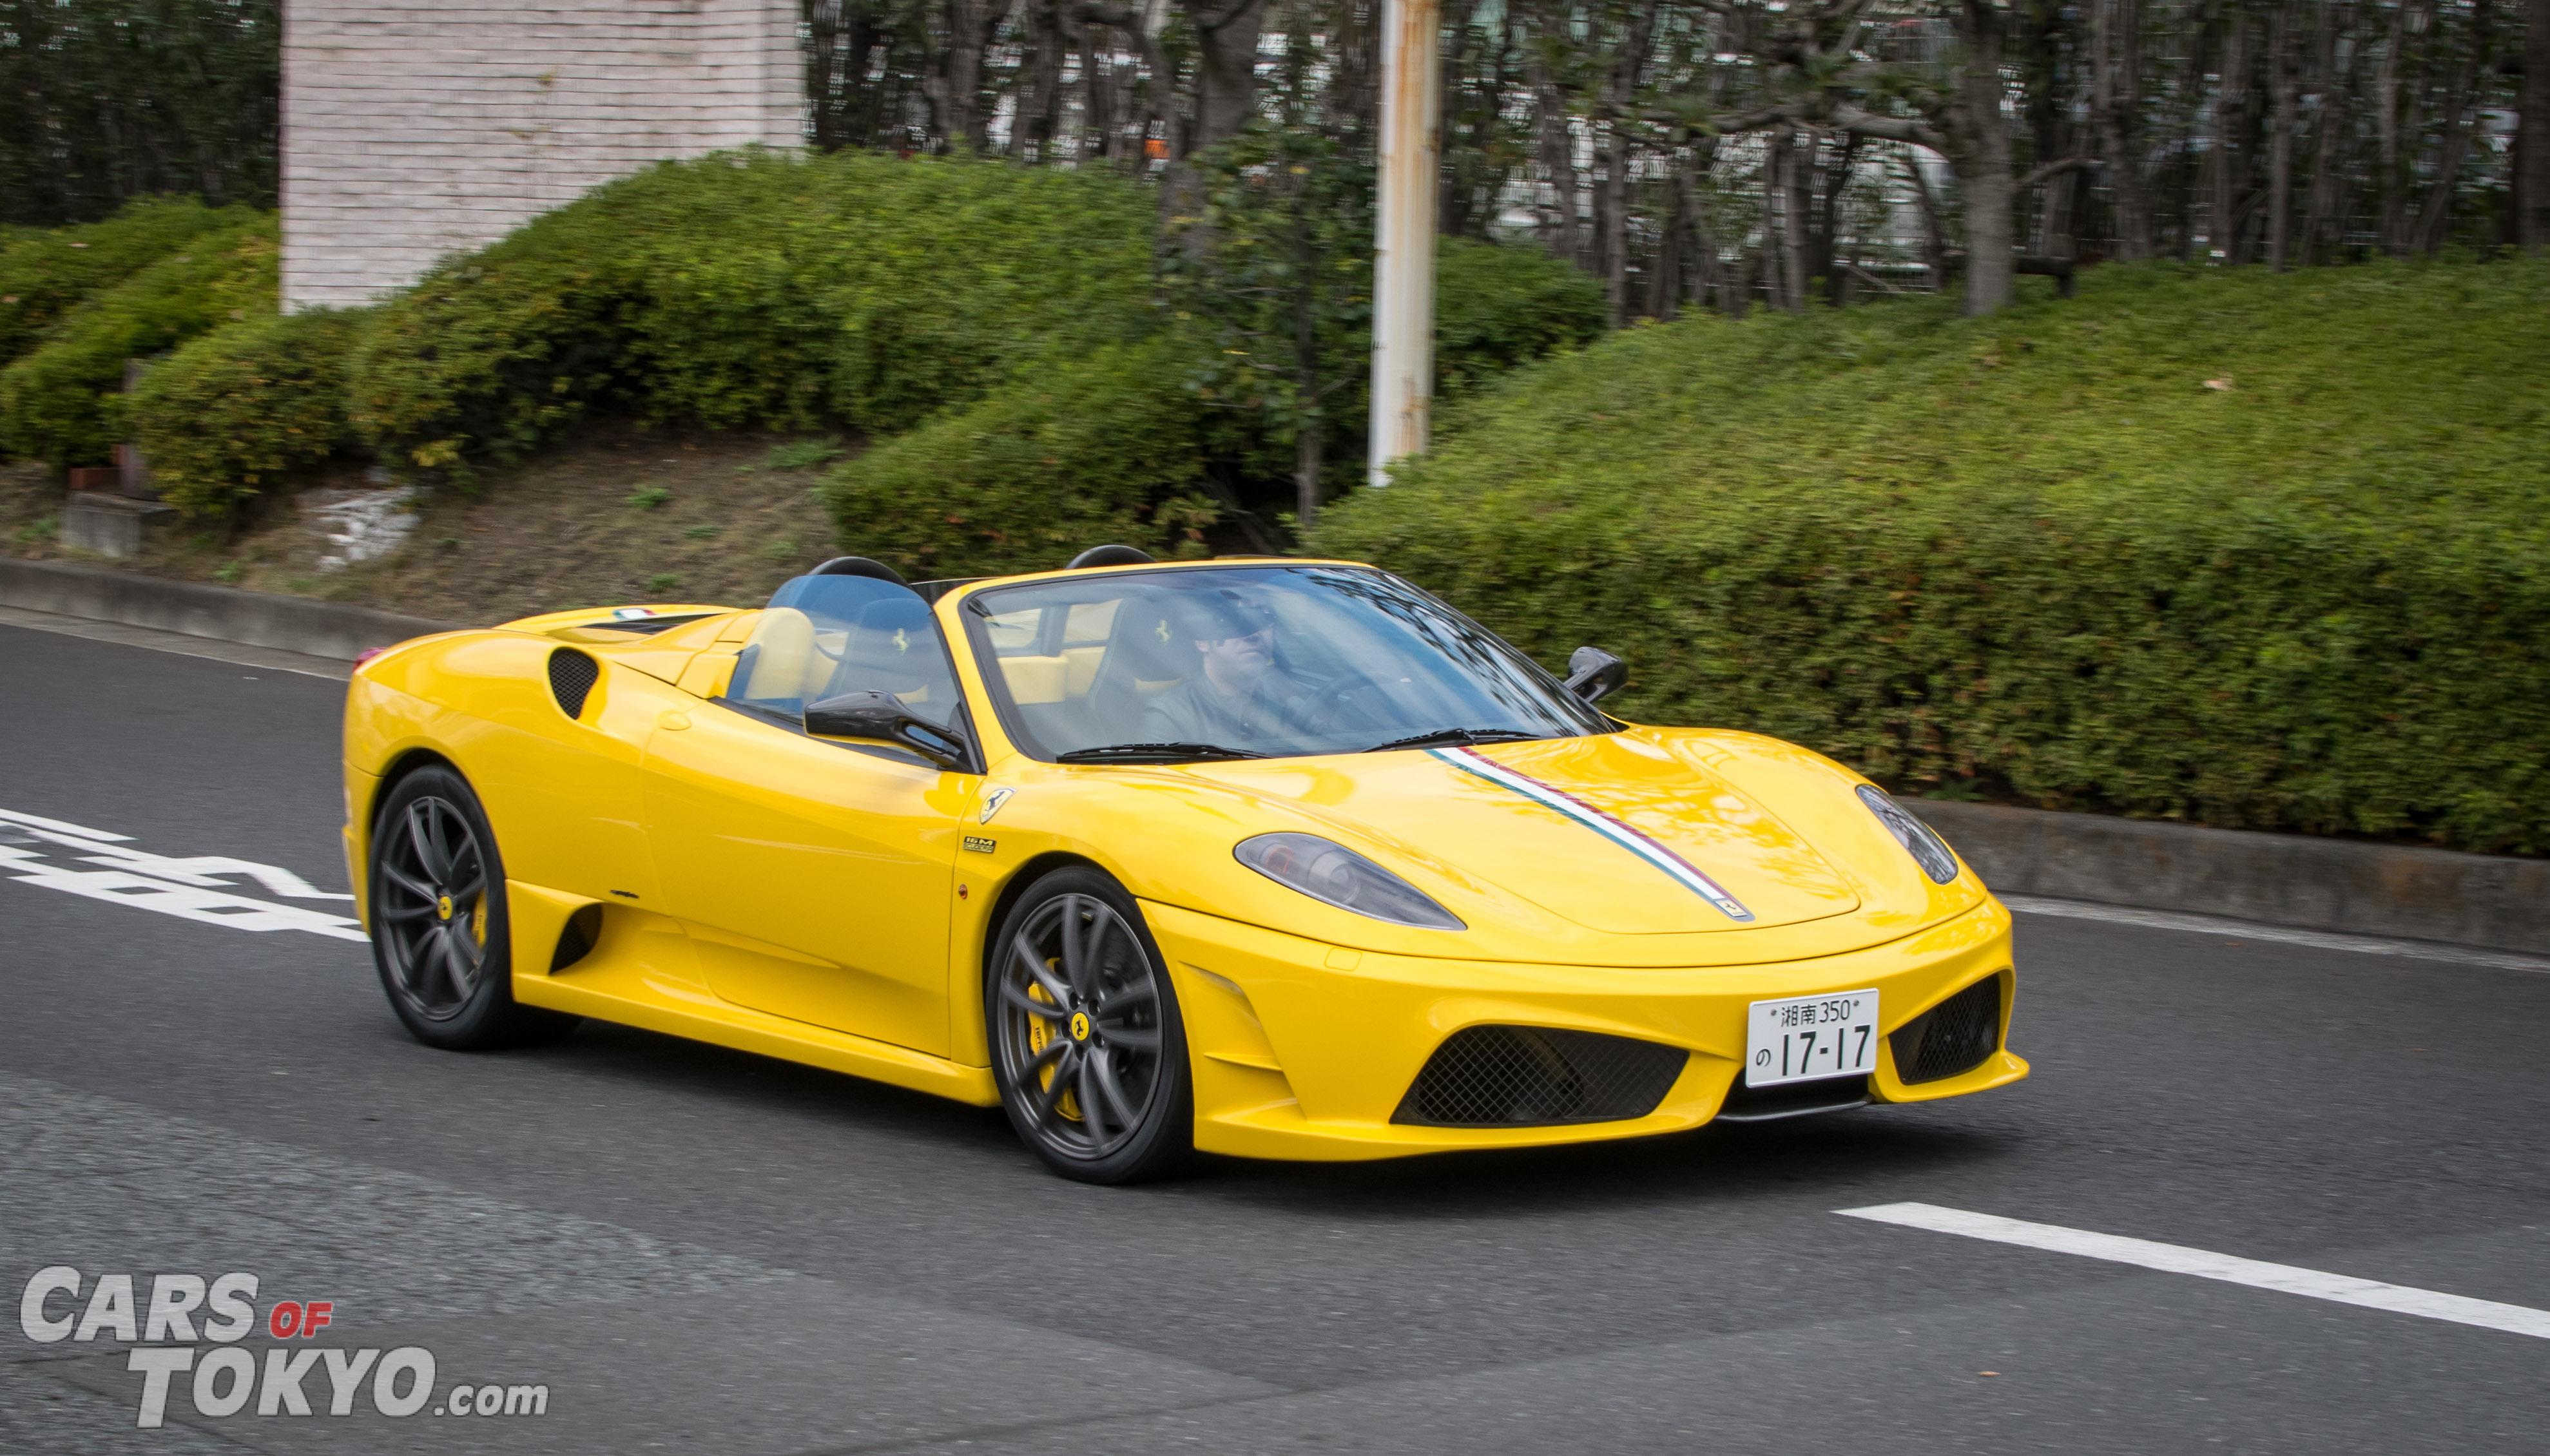 Cars of Tokyo Clean Ferrari Scuderia 16M